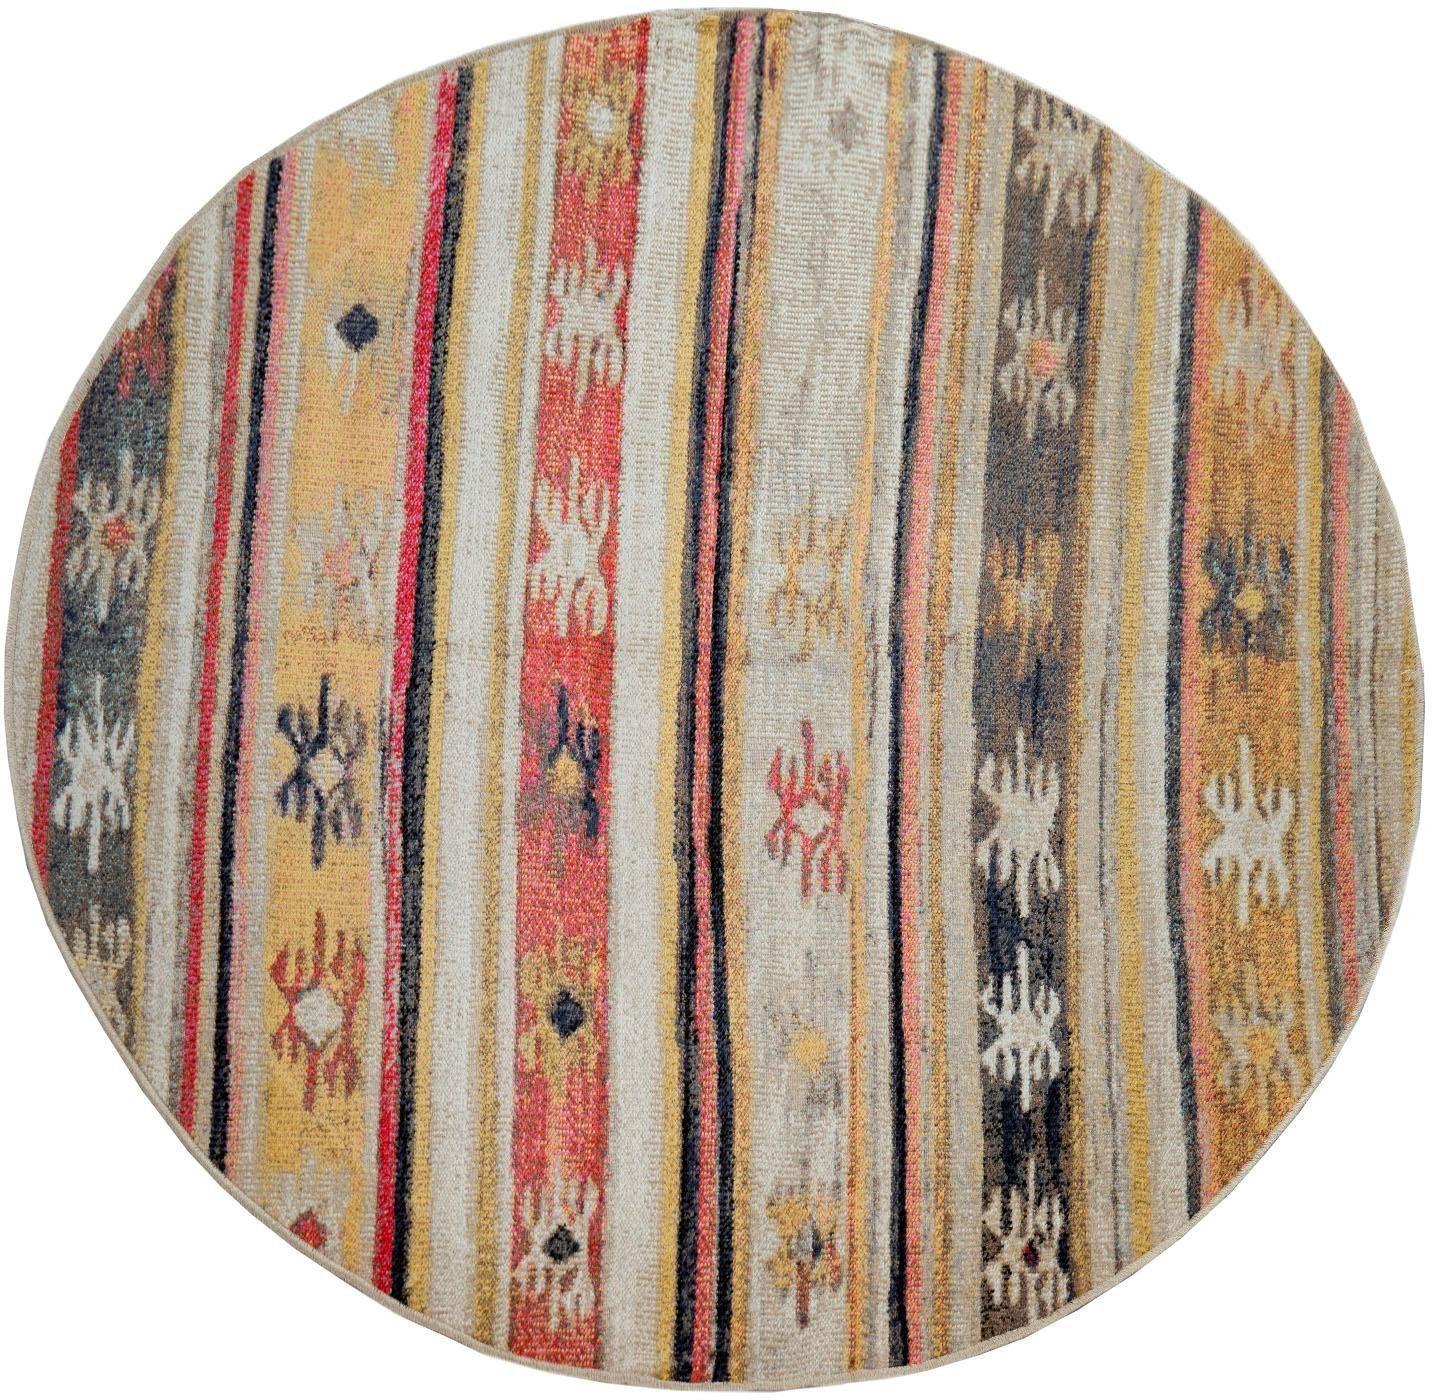 Paco Home Teppich Artigo 402, rund, 4 mm Höhe, In- und Outdoor geeignet, Vi günstig online kaufen